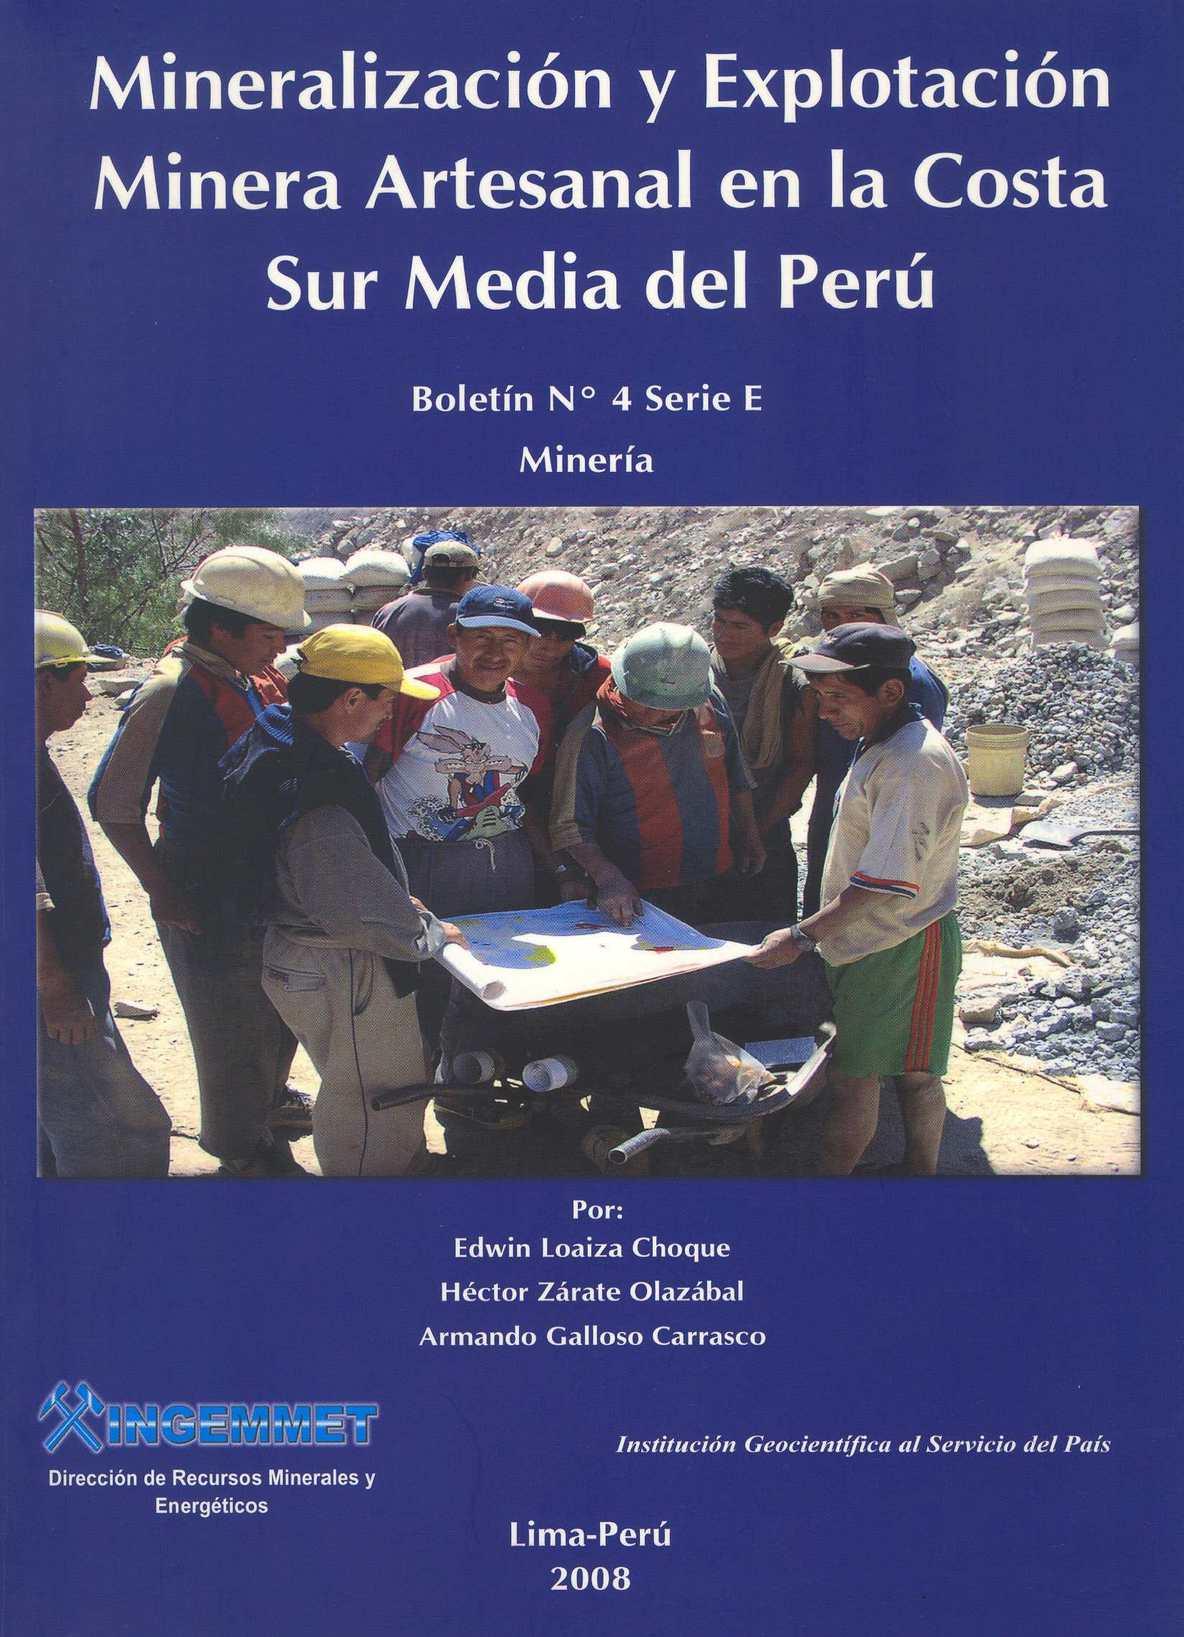 MINERALIZACIÓN Y EXPLOTACIÓN MINERA ARTESANAL EN LA COSTA SUR  MEDIA DEL PERÚ, 2008